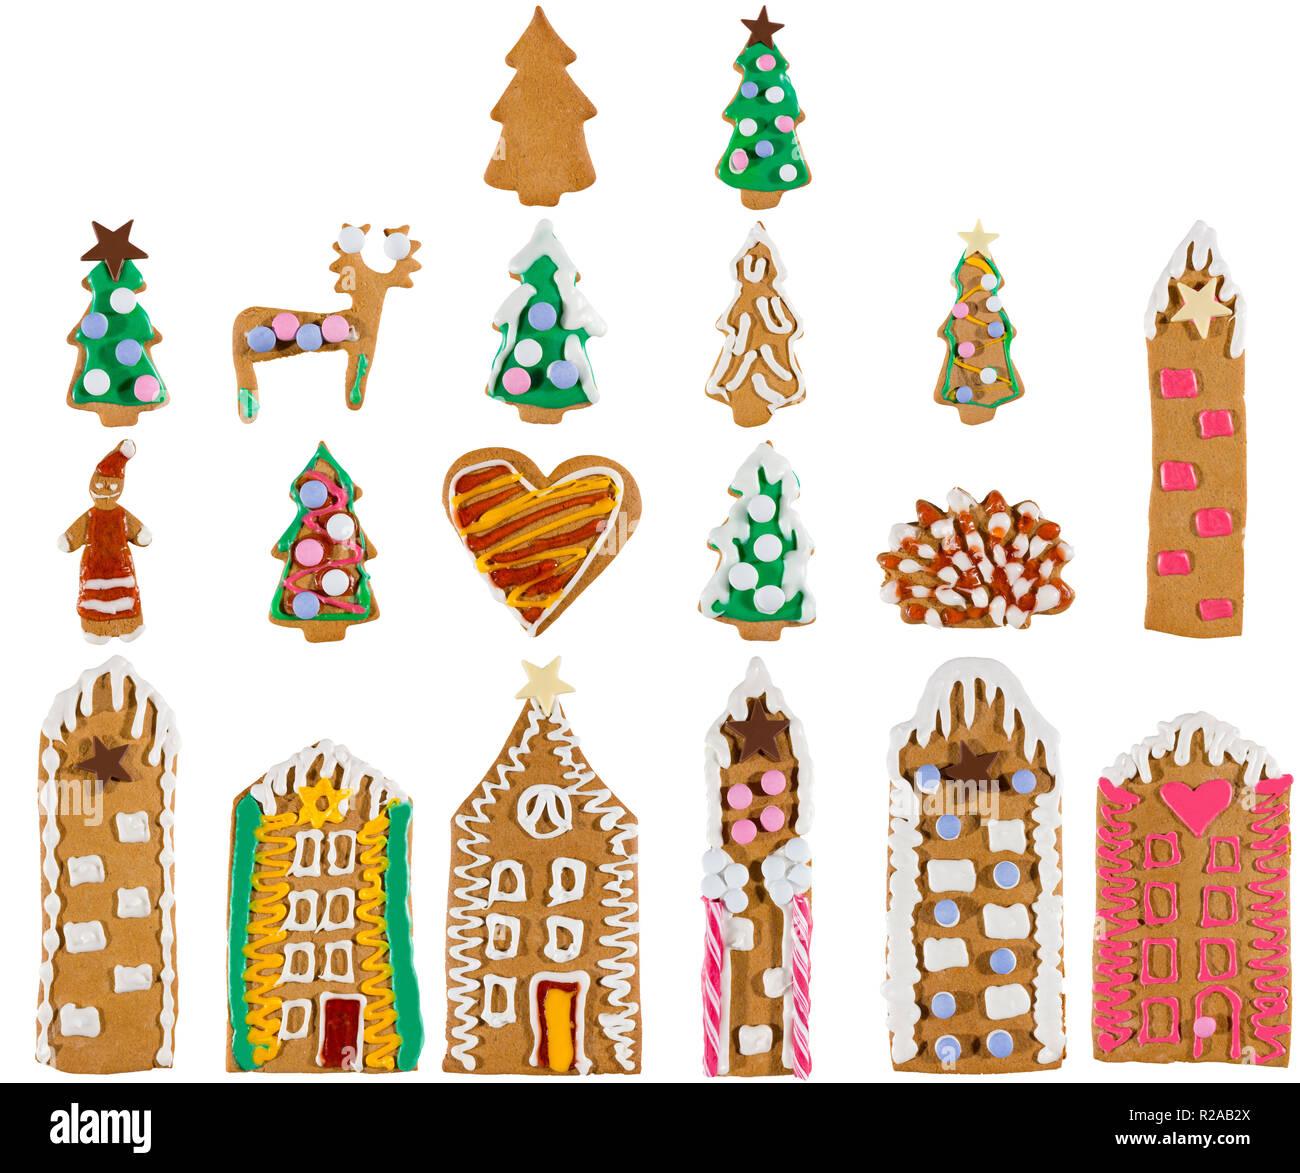 Imagenes De Galletas De Navidad Animadas.Galleta De Dibujos Animados Imagenes De Stock Galleta De